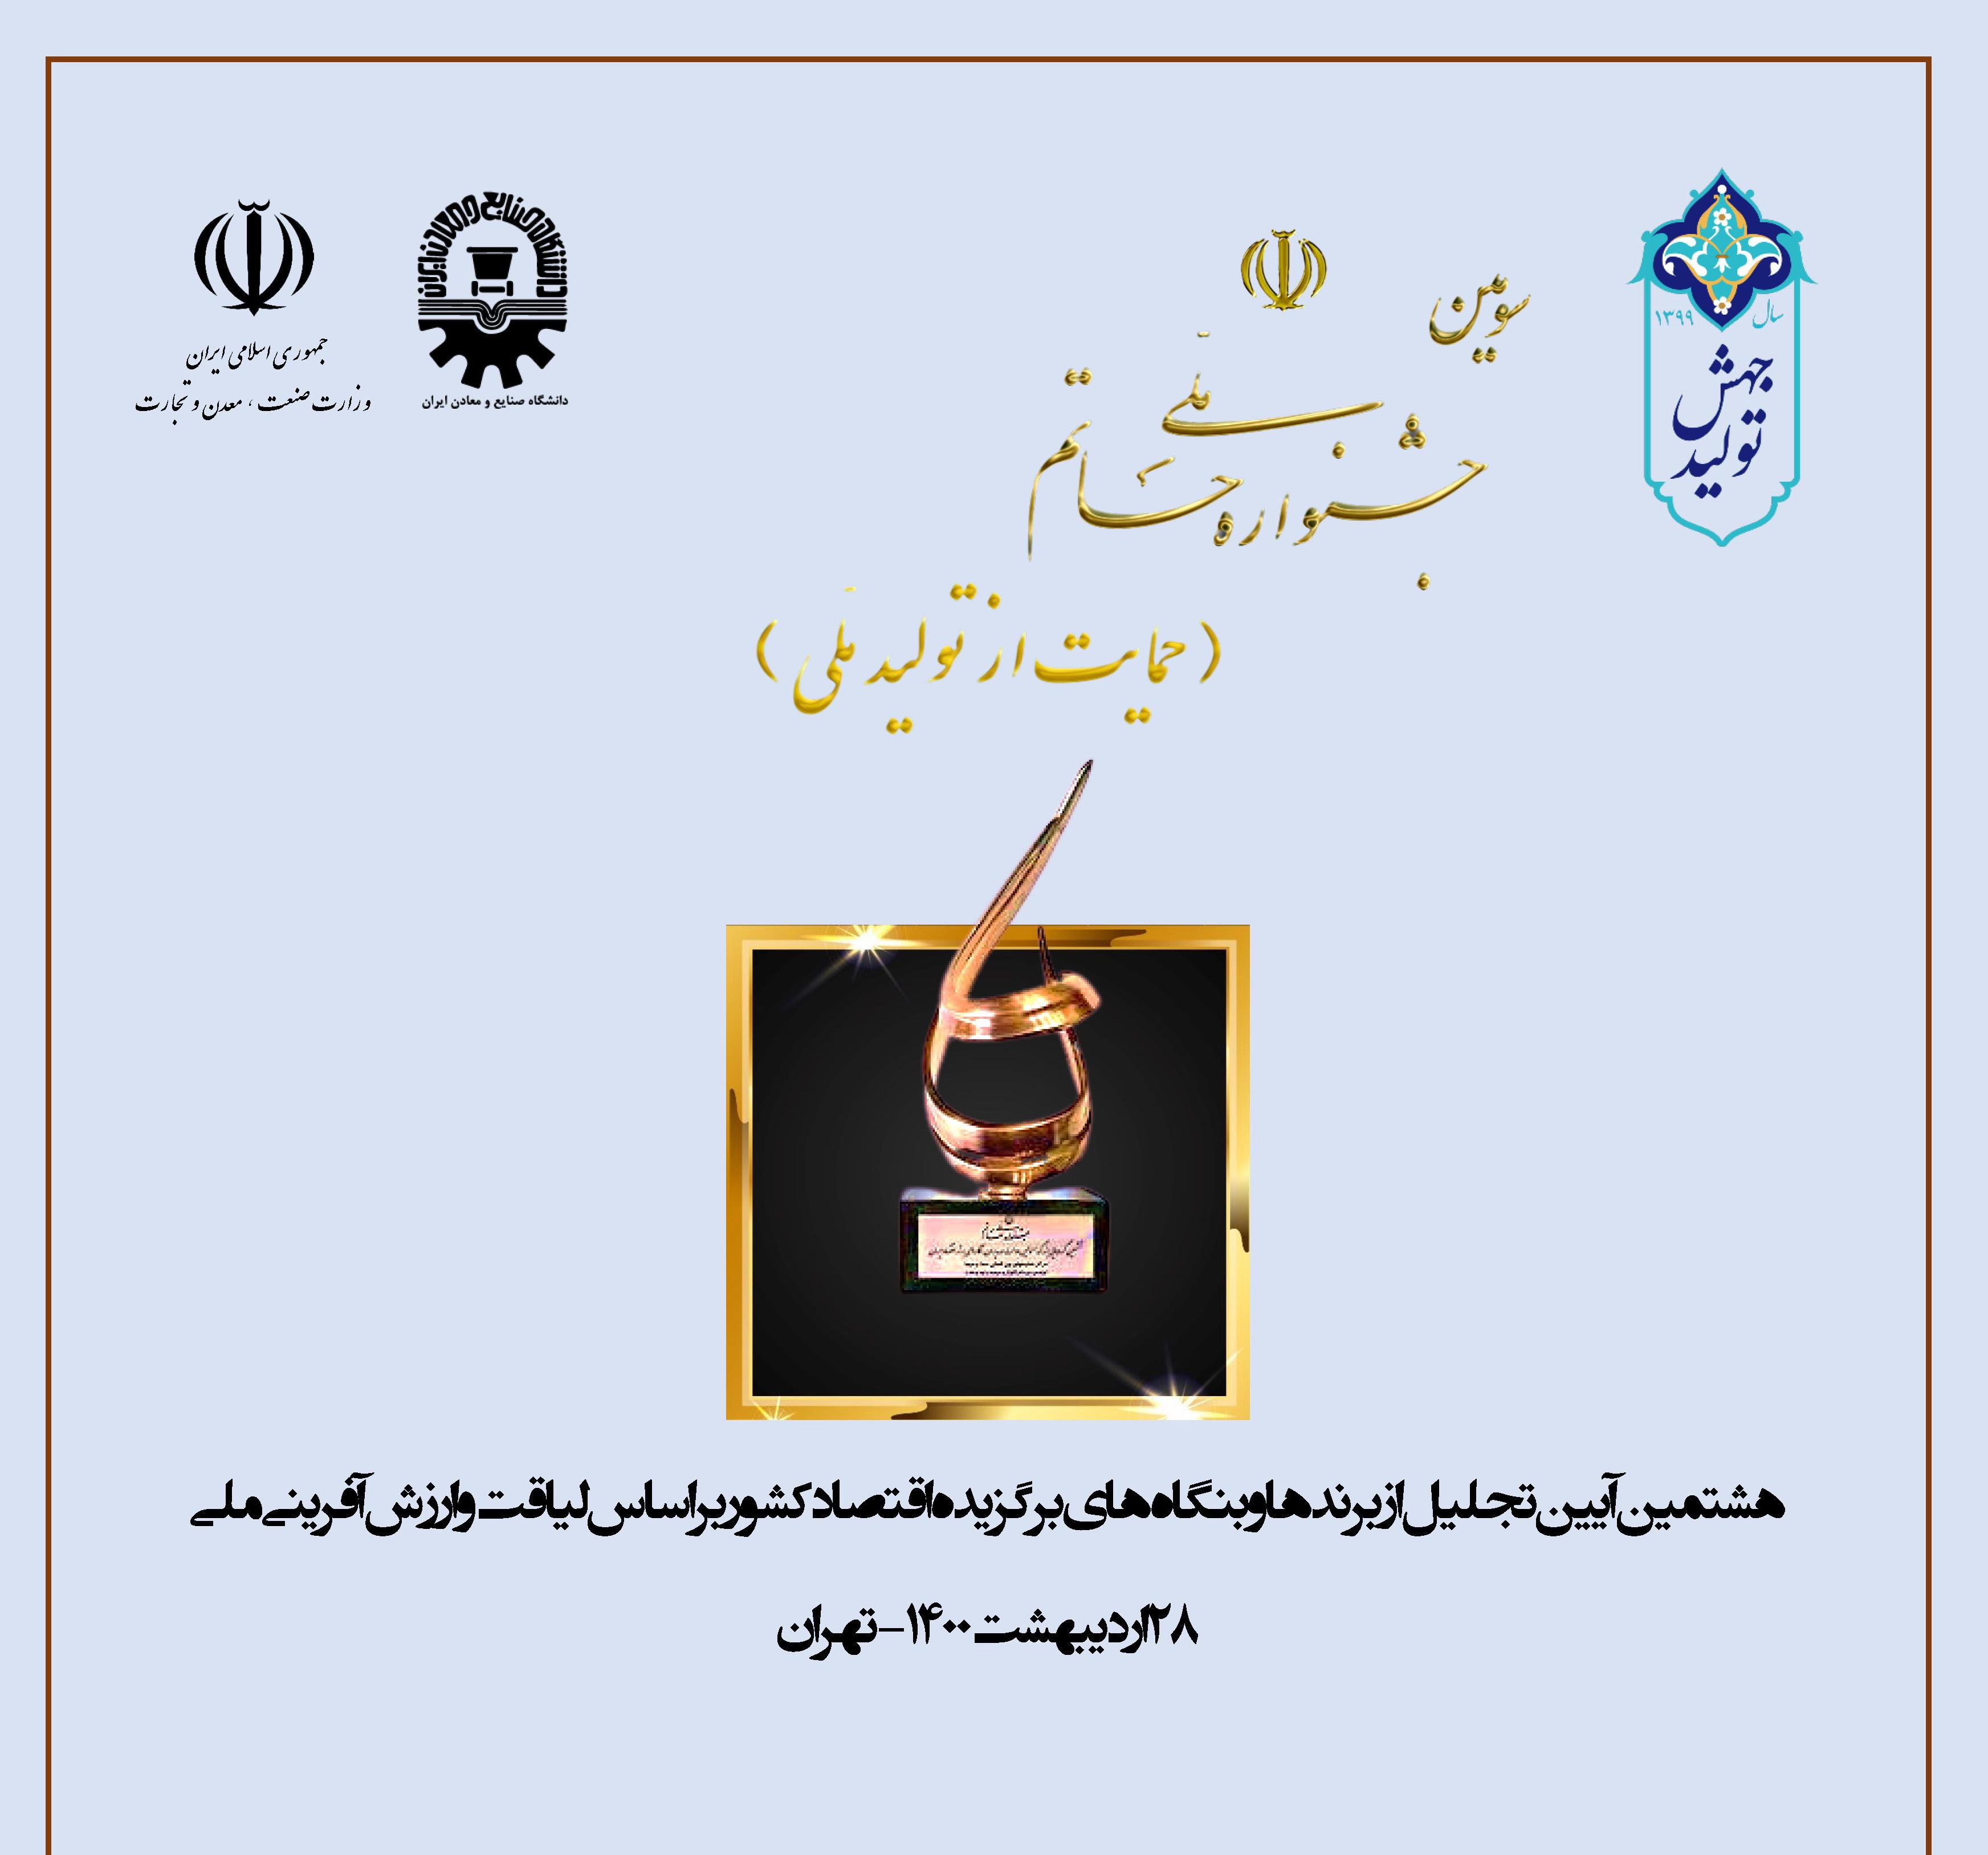 جشنواره ملی حاتم (حمایت از تولید ملی)